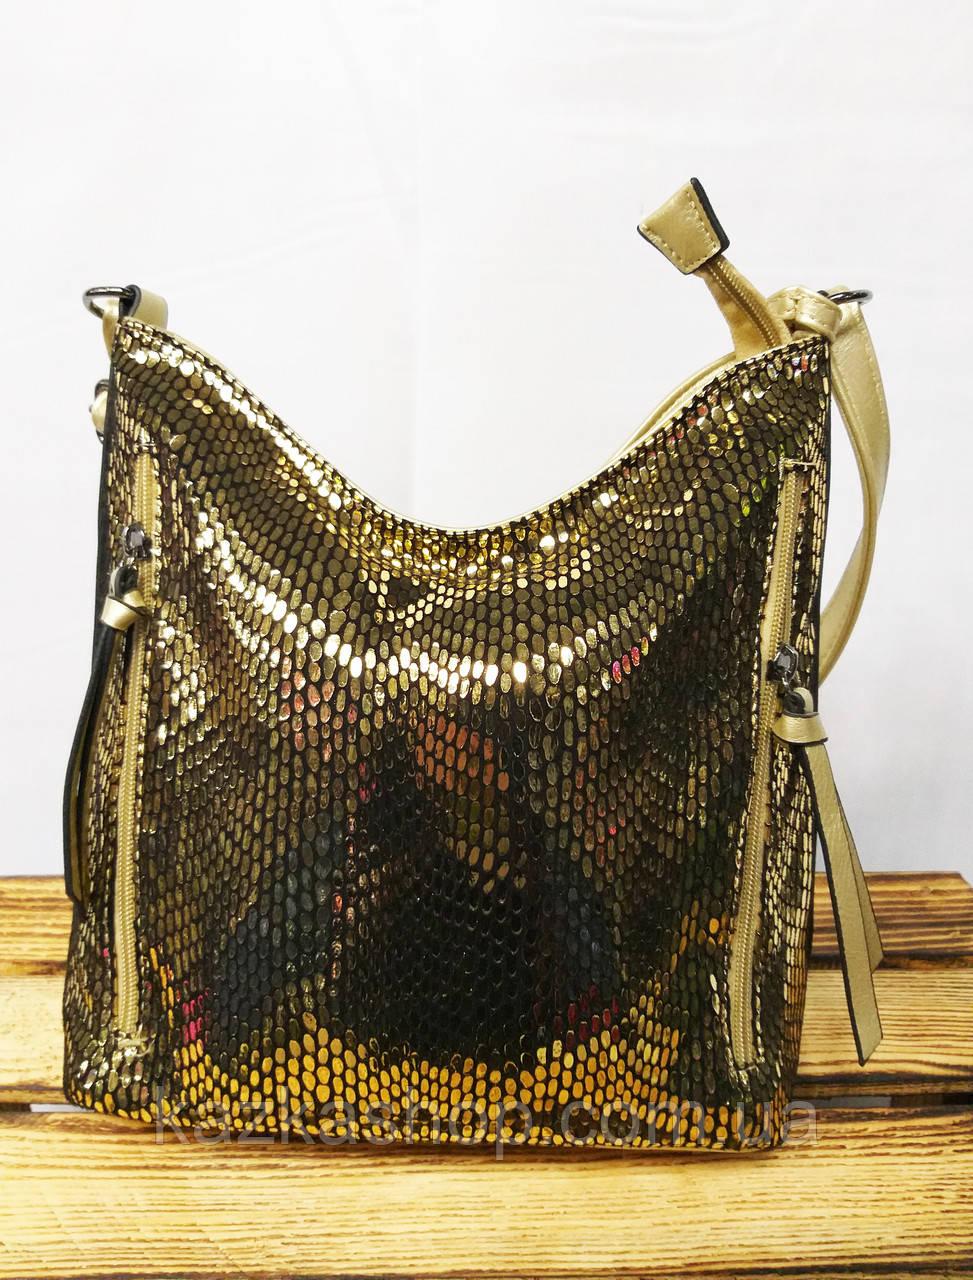 Женский клатч золотого цвета, один отдел, лазерная обработка, регулируемый ремешок